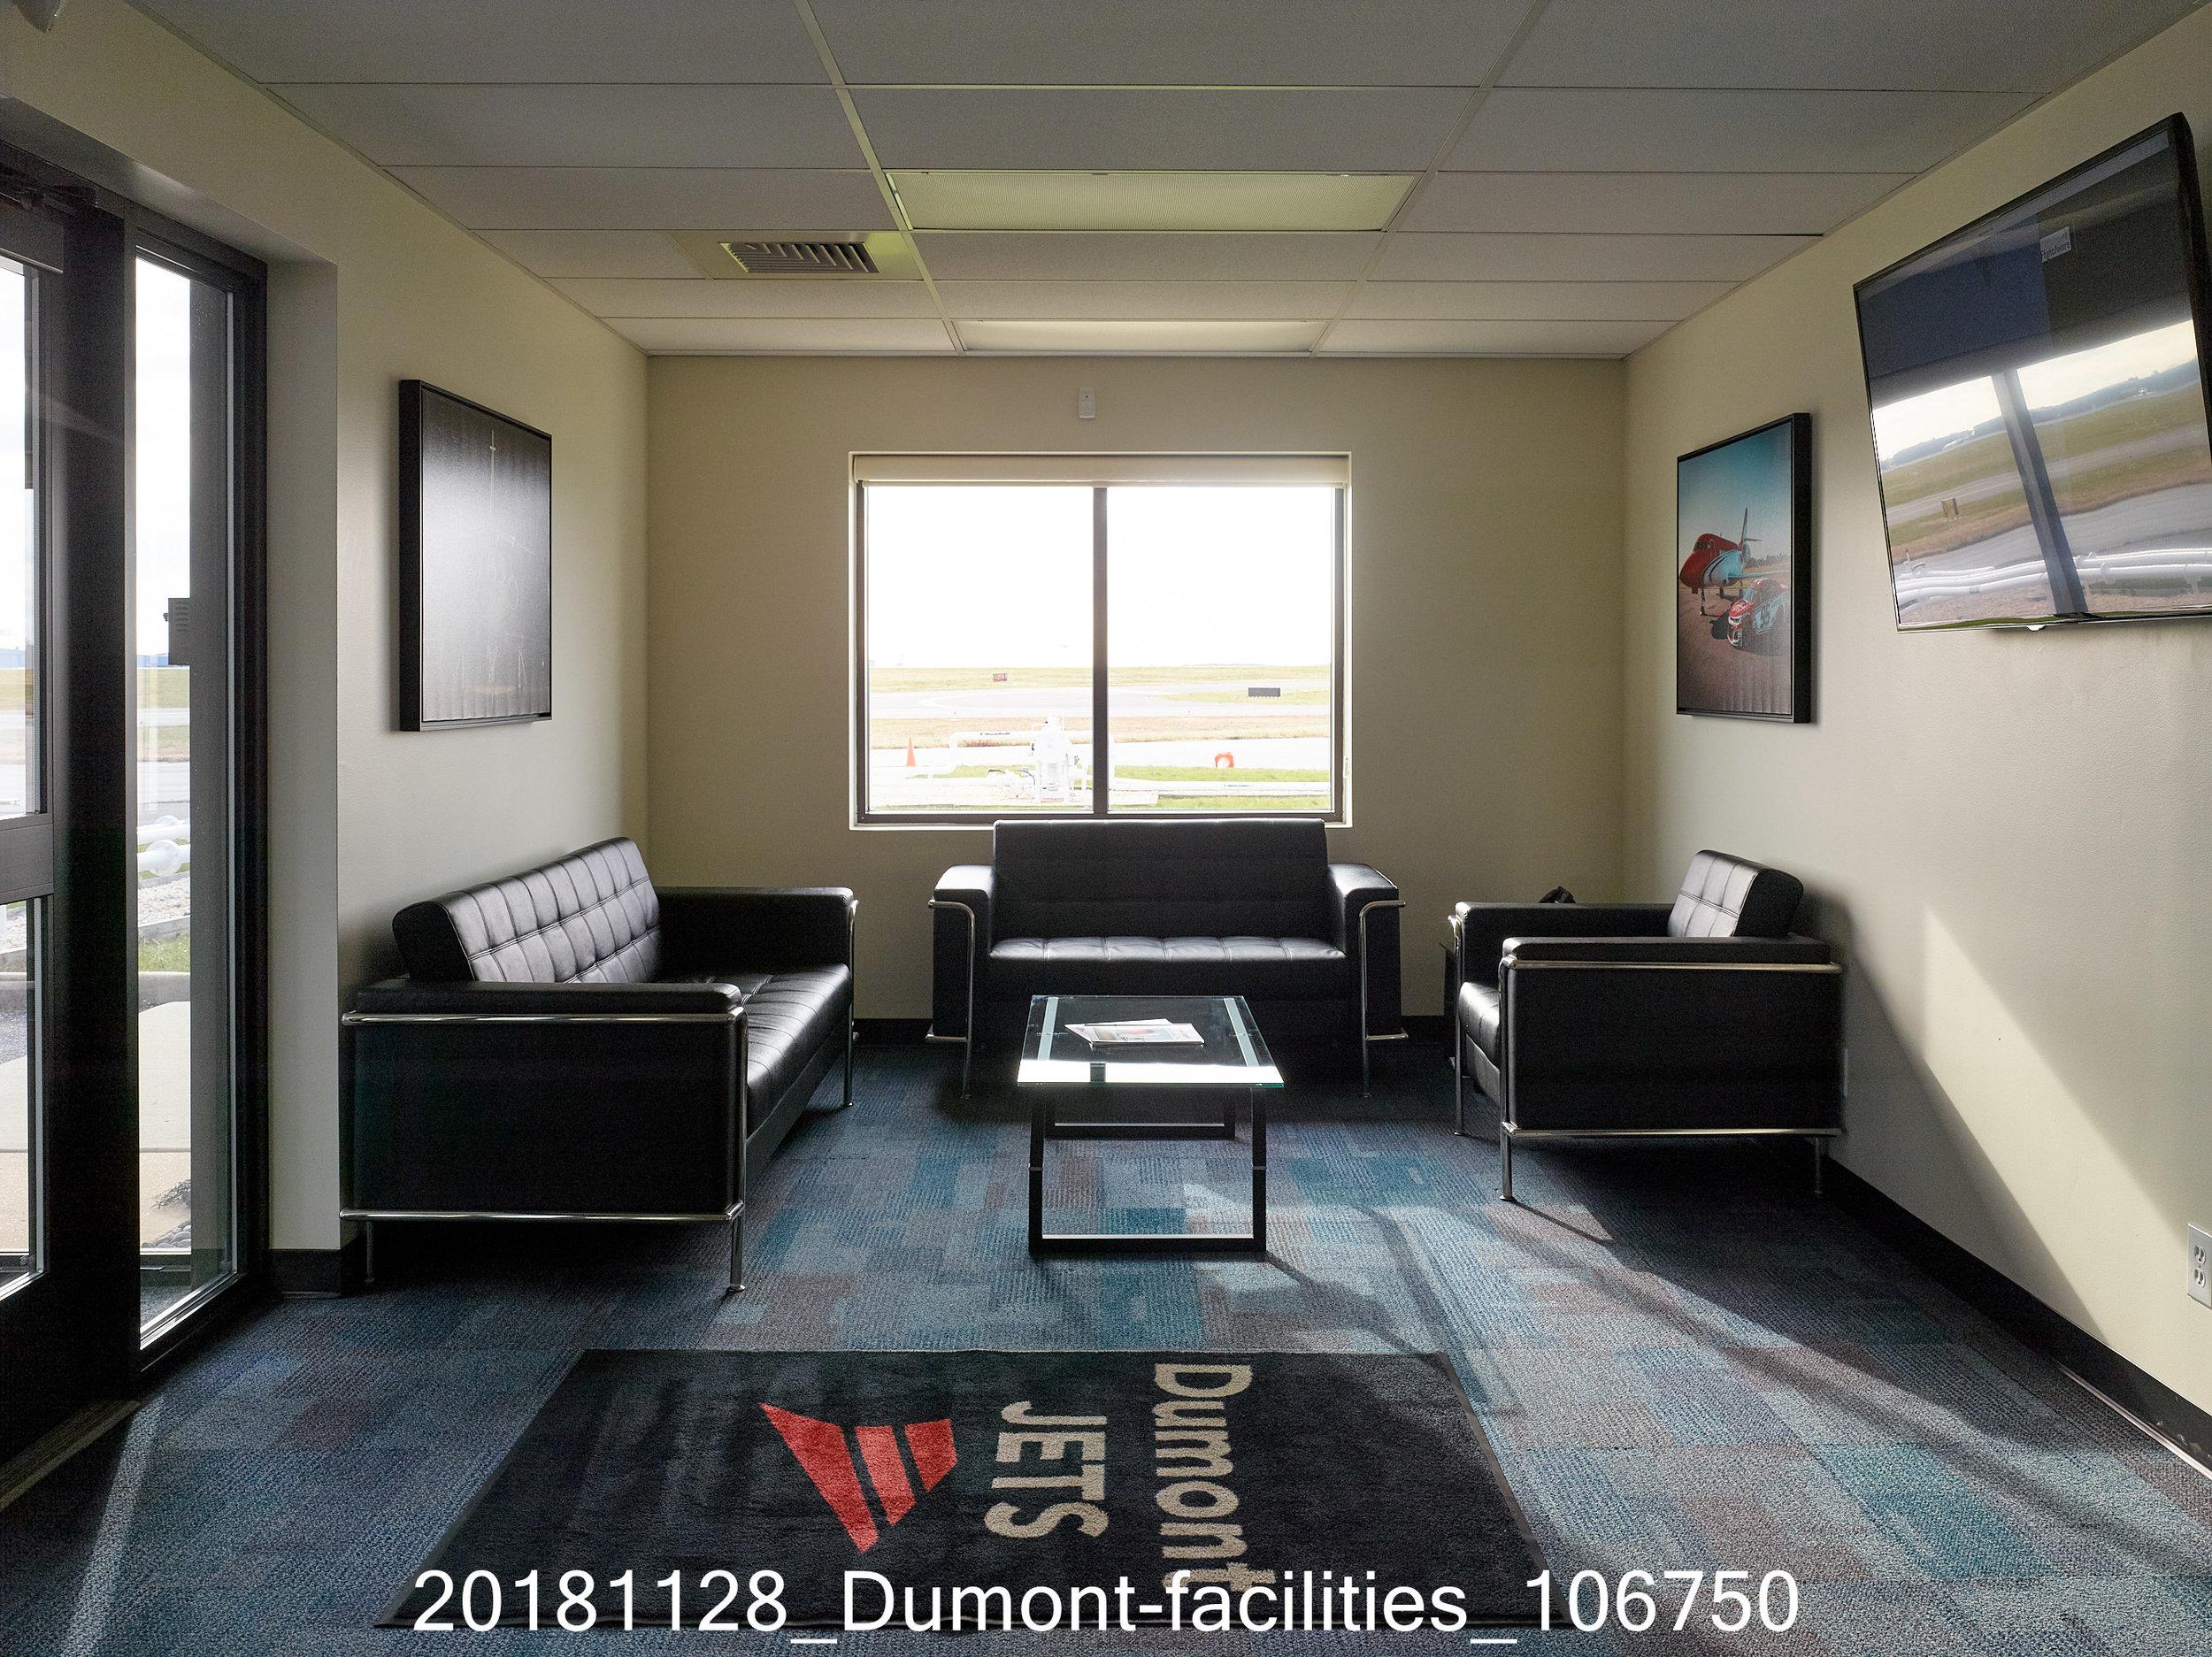 20181128_Dumont-facilities_106750.jpg